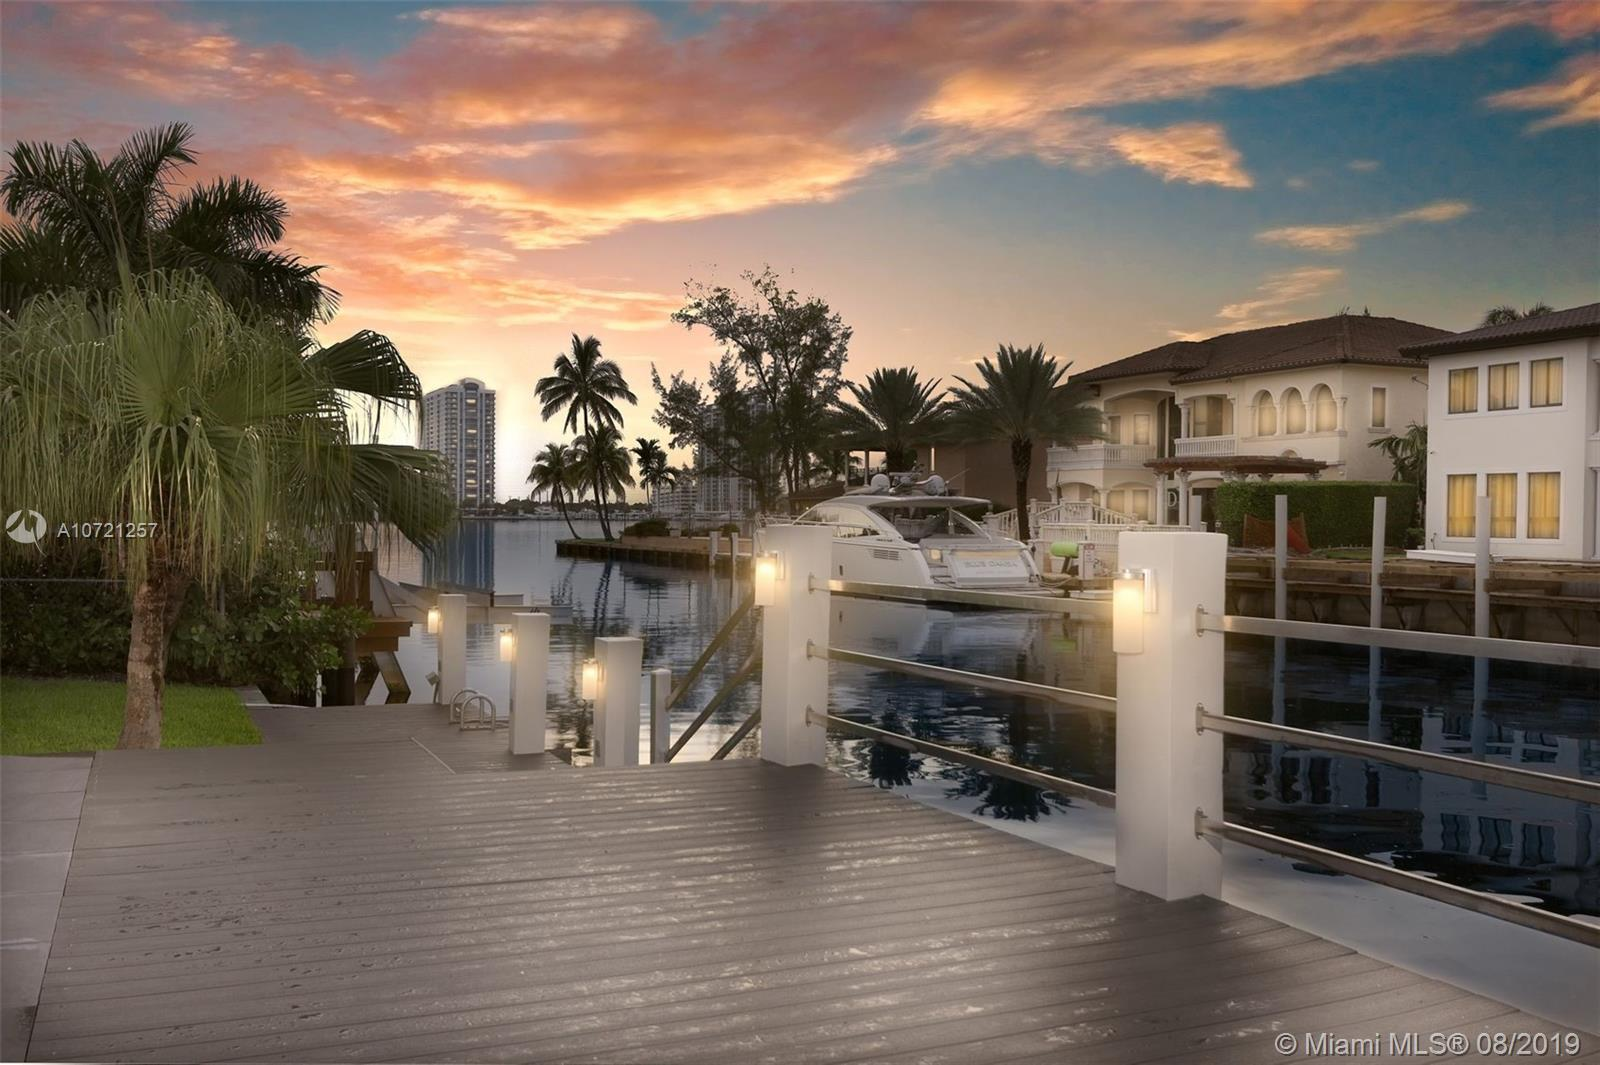 North Miami Beach # - 02 - photo